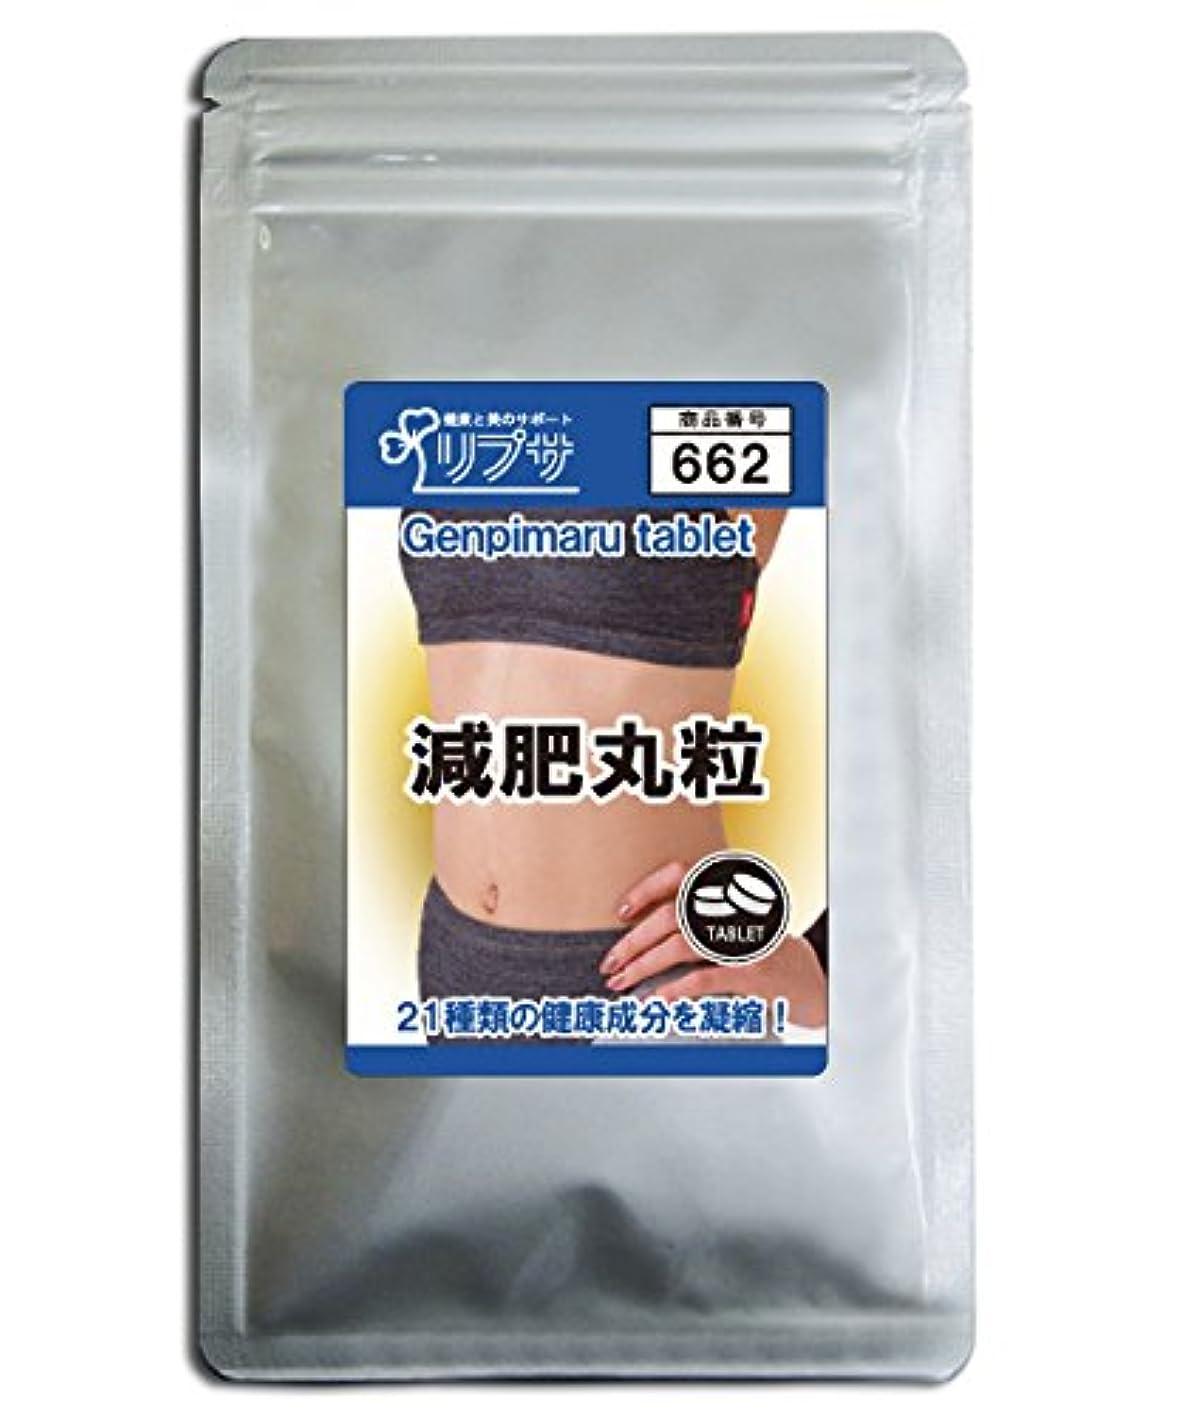 レインコート傷つきやすい不完全な減肥丸粒 約3か月分 T-662